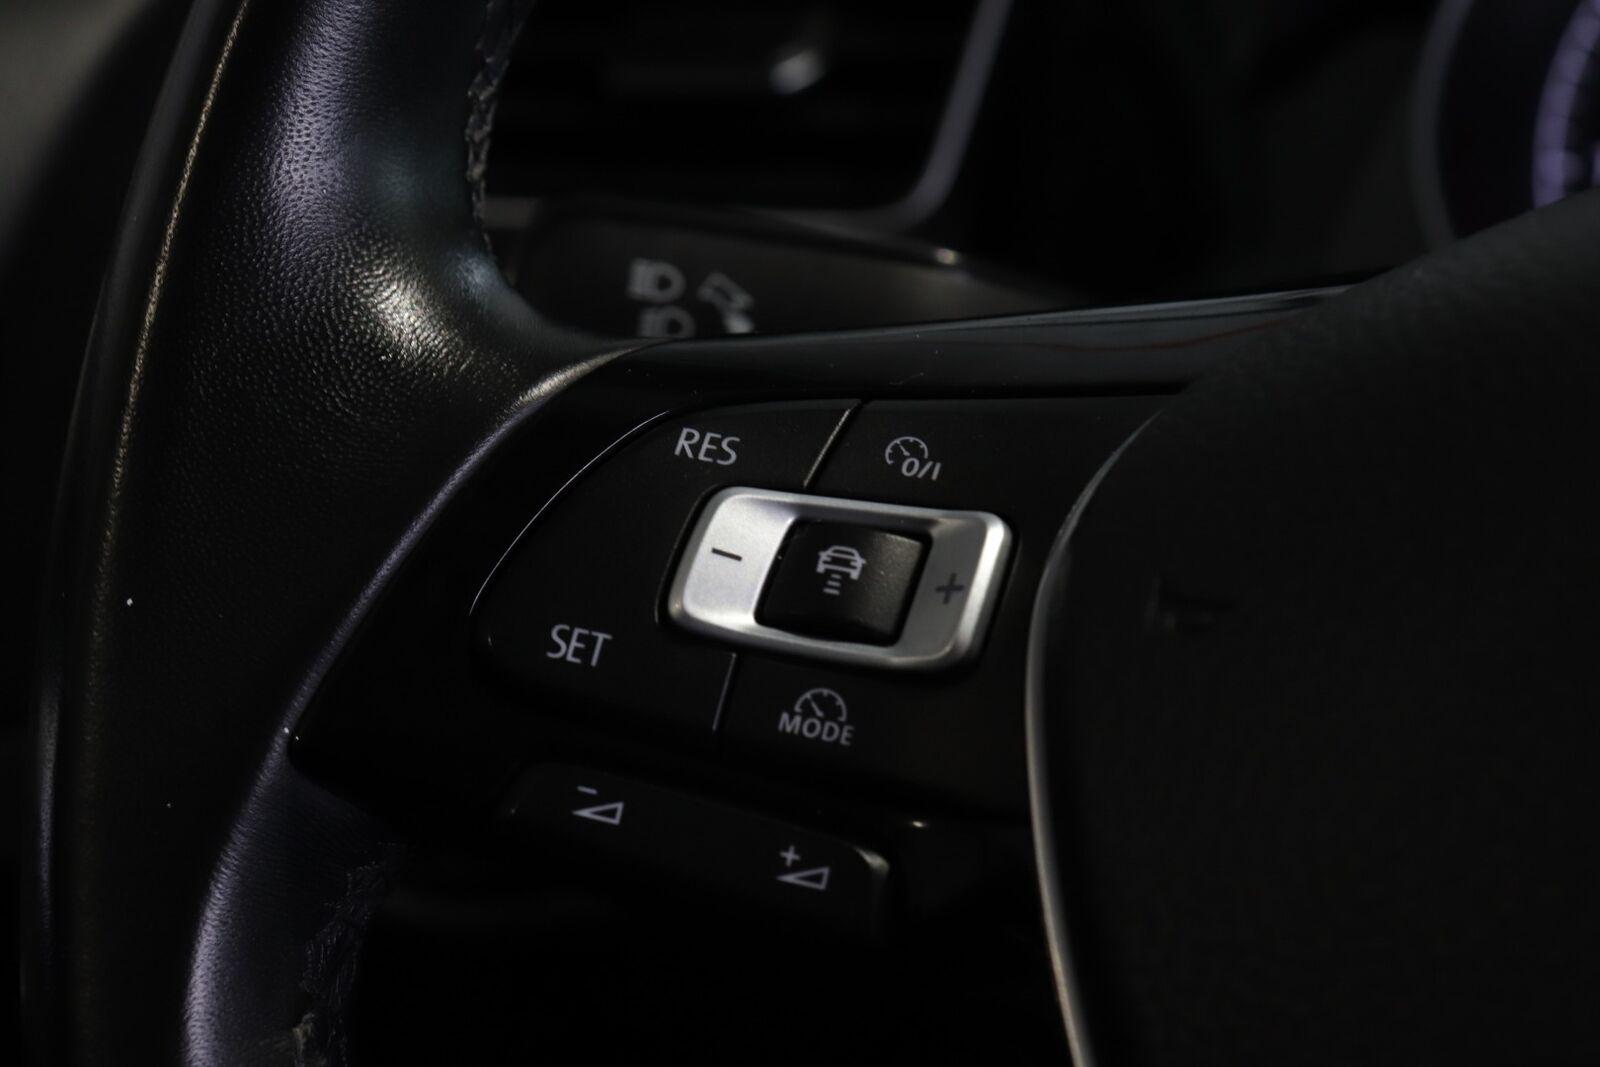 VW Golf VII TSi 150 Highl. Vari. DSG BMT